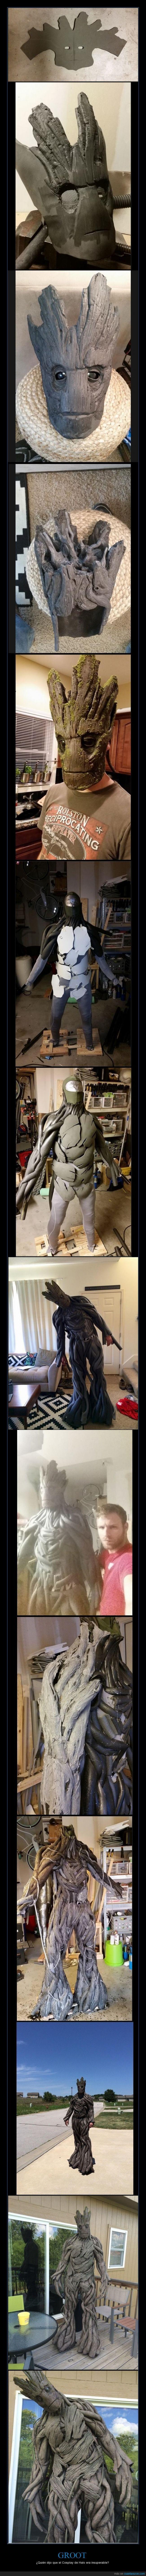 Groot, un cosplay exquisito - ¿Quién dijo que el Cosplay de Halo era insuperable?